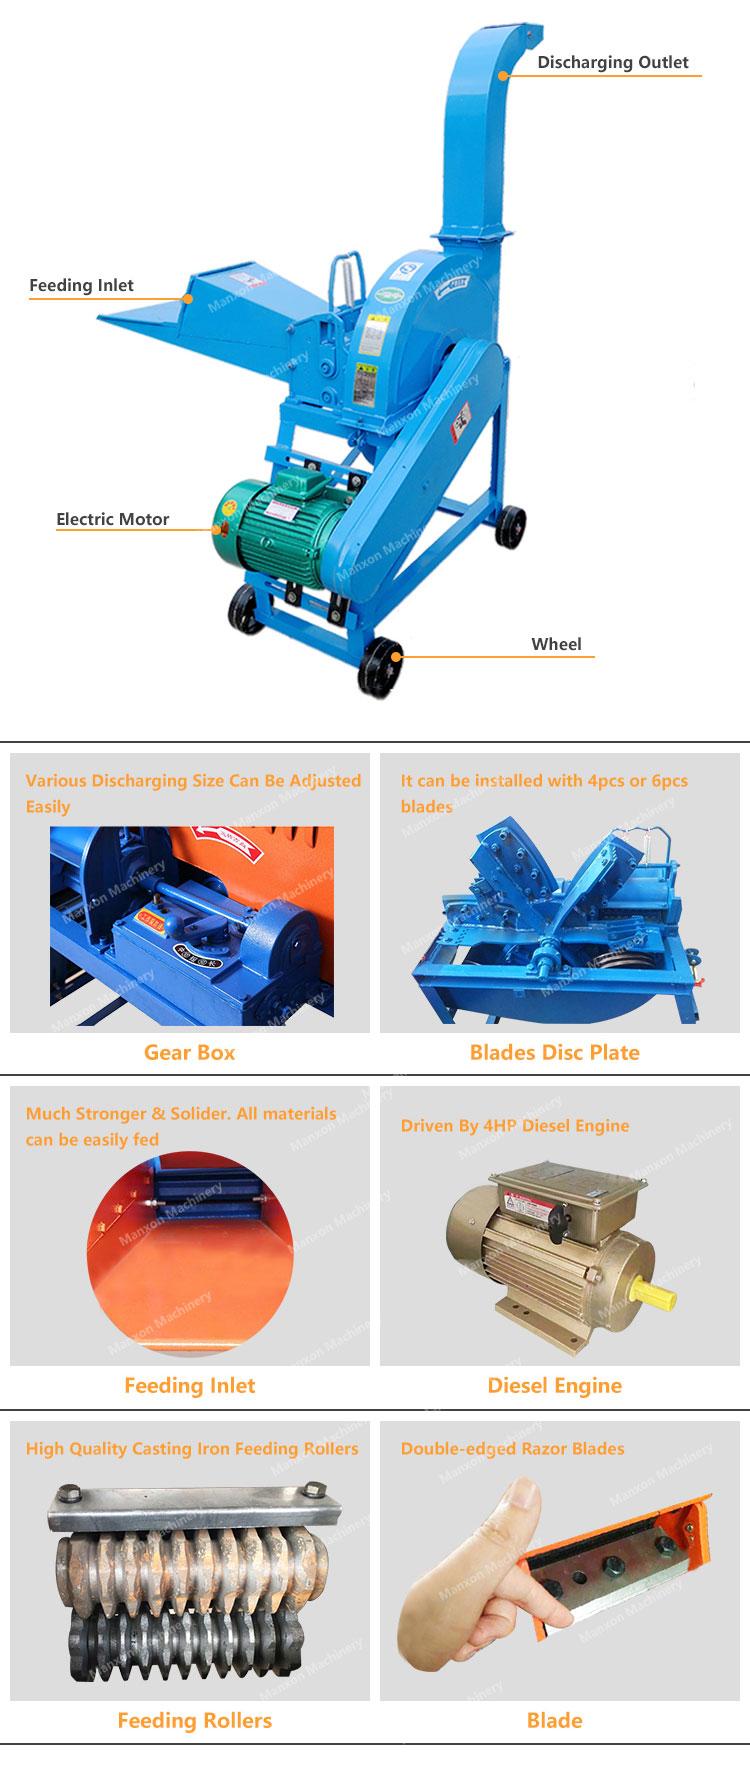 छोटे मॉडल 9ZP-2.5 फूस कटर मशीन पाकिस्तान में सबसे उपयुक्त के साथ अपने छोटे से खेत के लिए उच्च गुणवत्ता